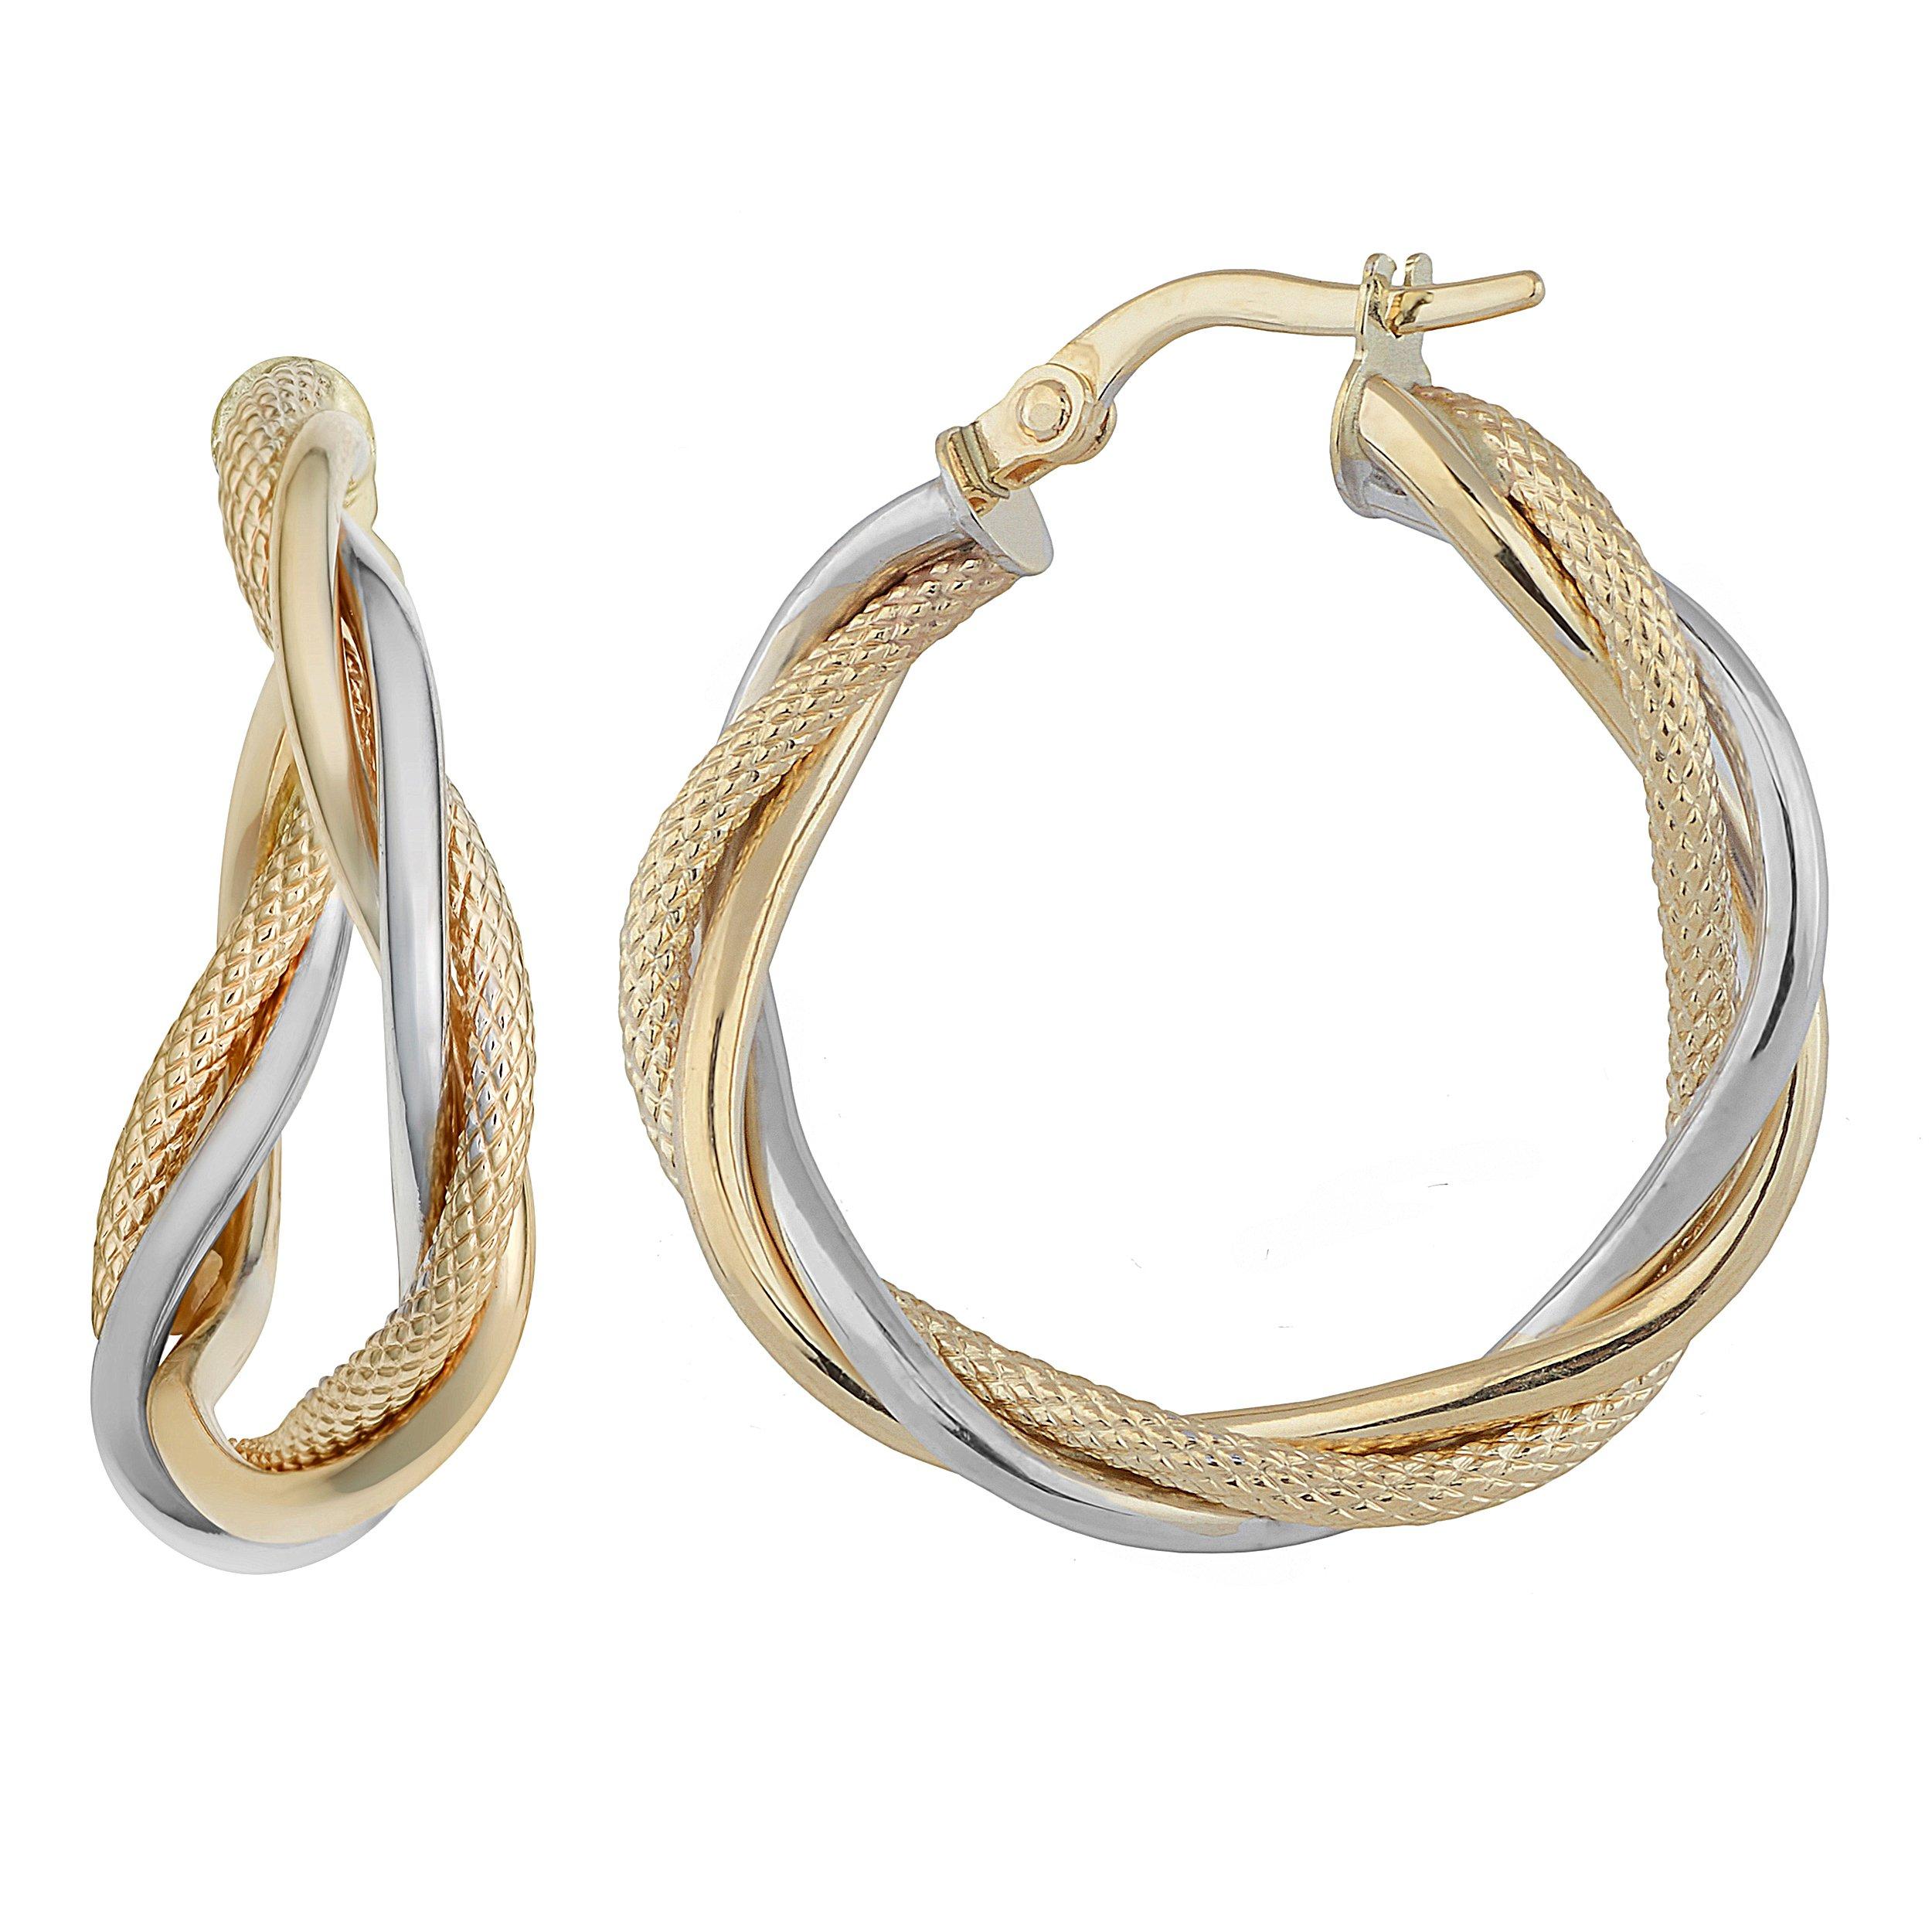 10k Two-Tone Gold Interwoven Twist Hoop Earrings